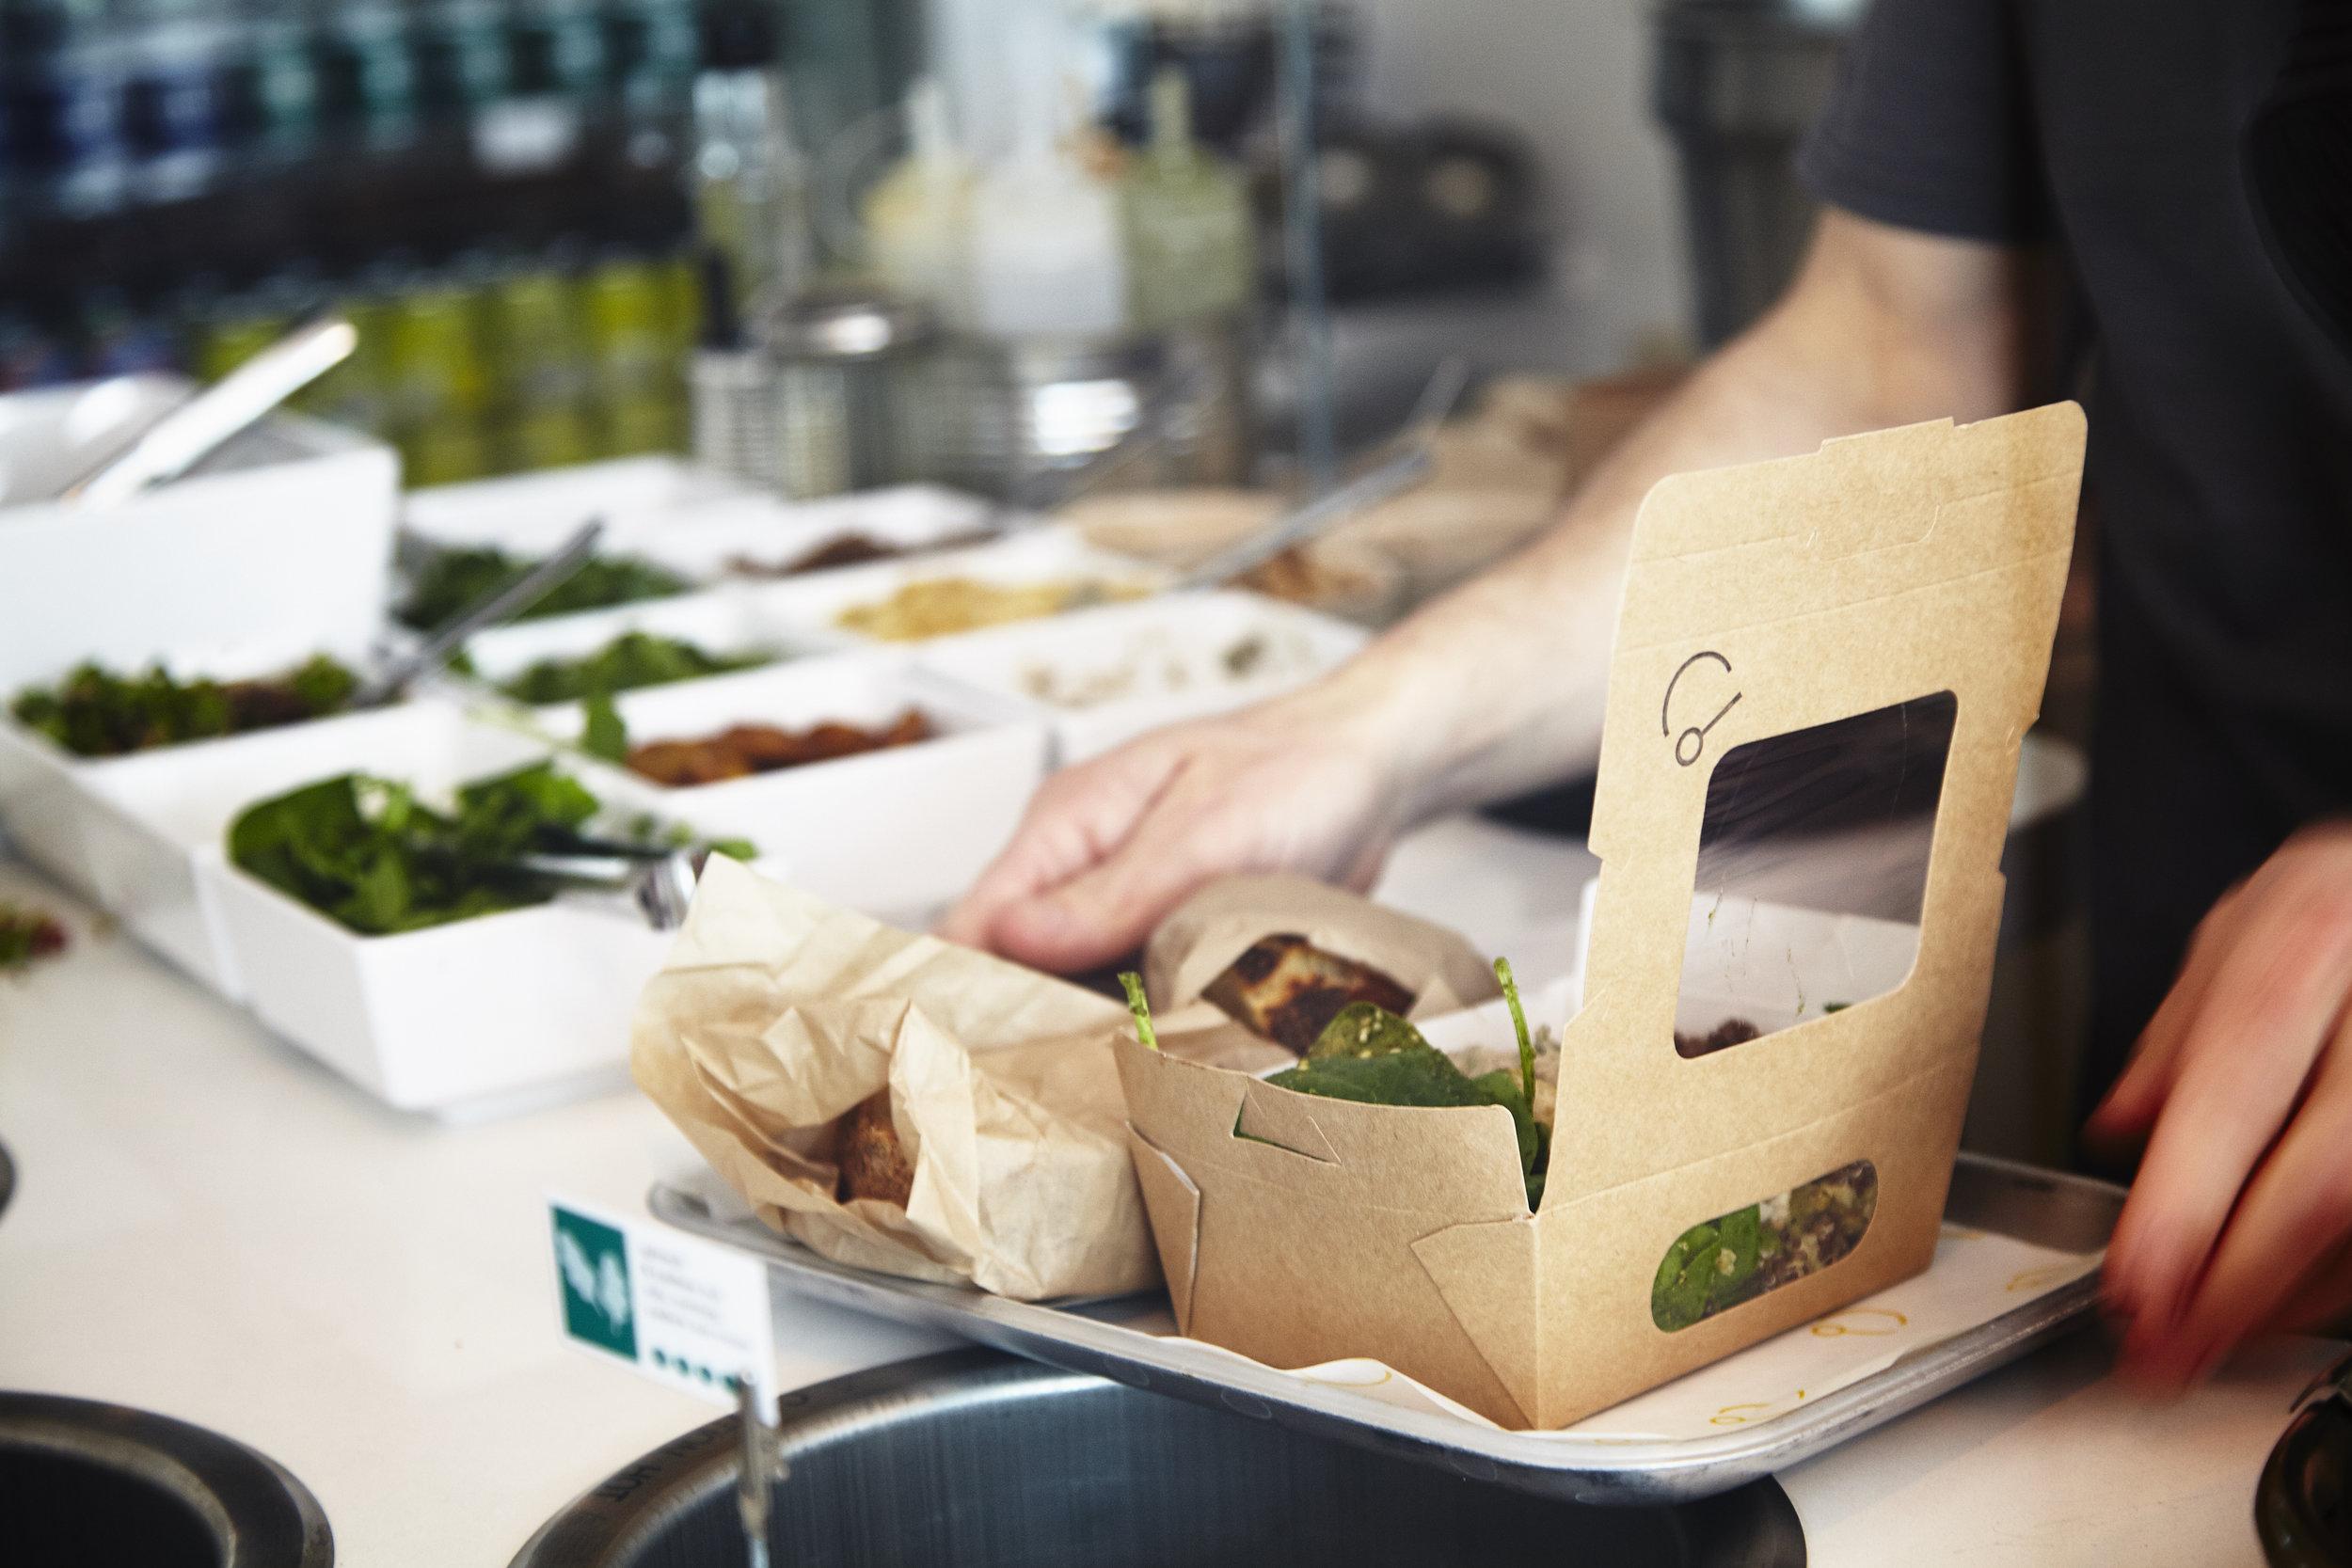 Takeaway Salad Box